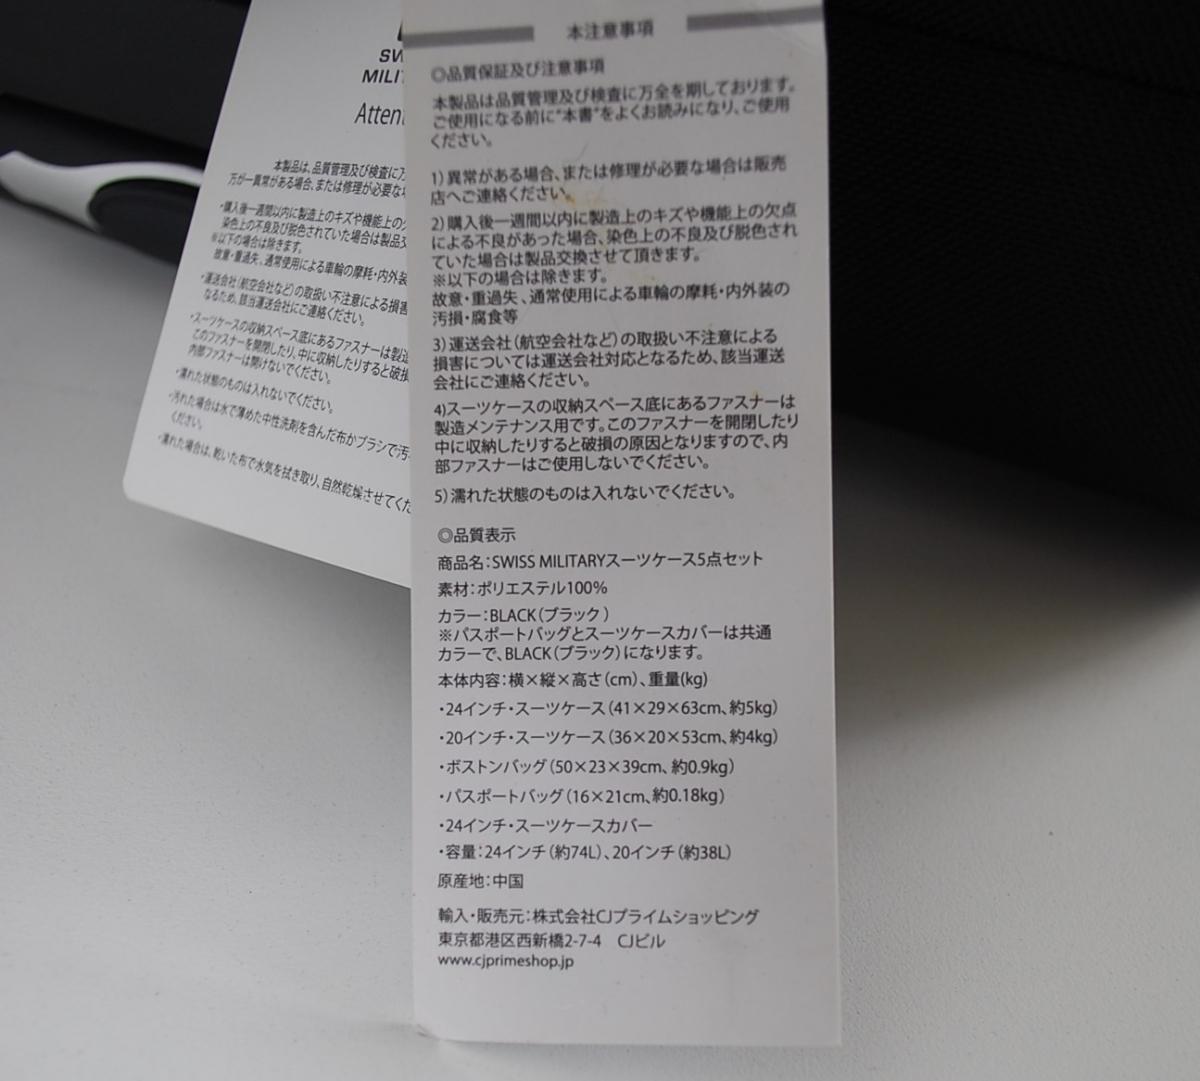 72PGN 【美品】 SWISS MILITARY スイスミリタリー スーツケース 5点セット ボストンバック パスポートバッグ ケースカバー ポリエステル_画像2